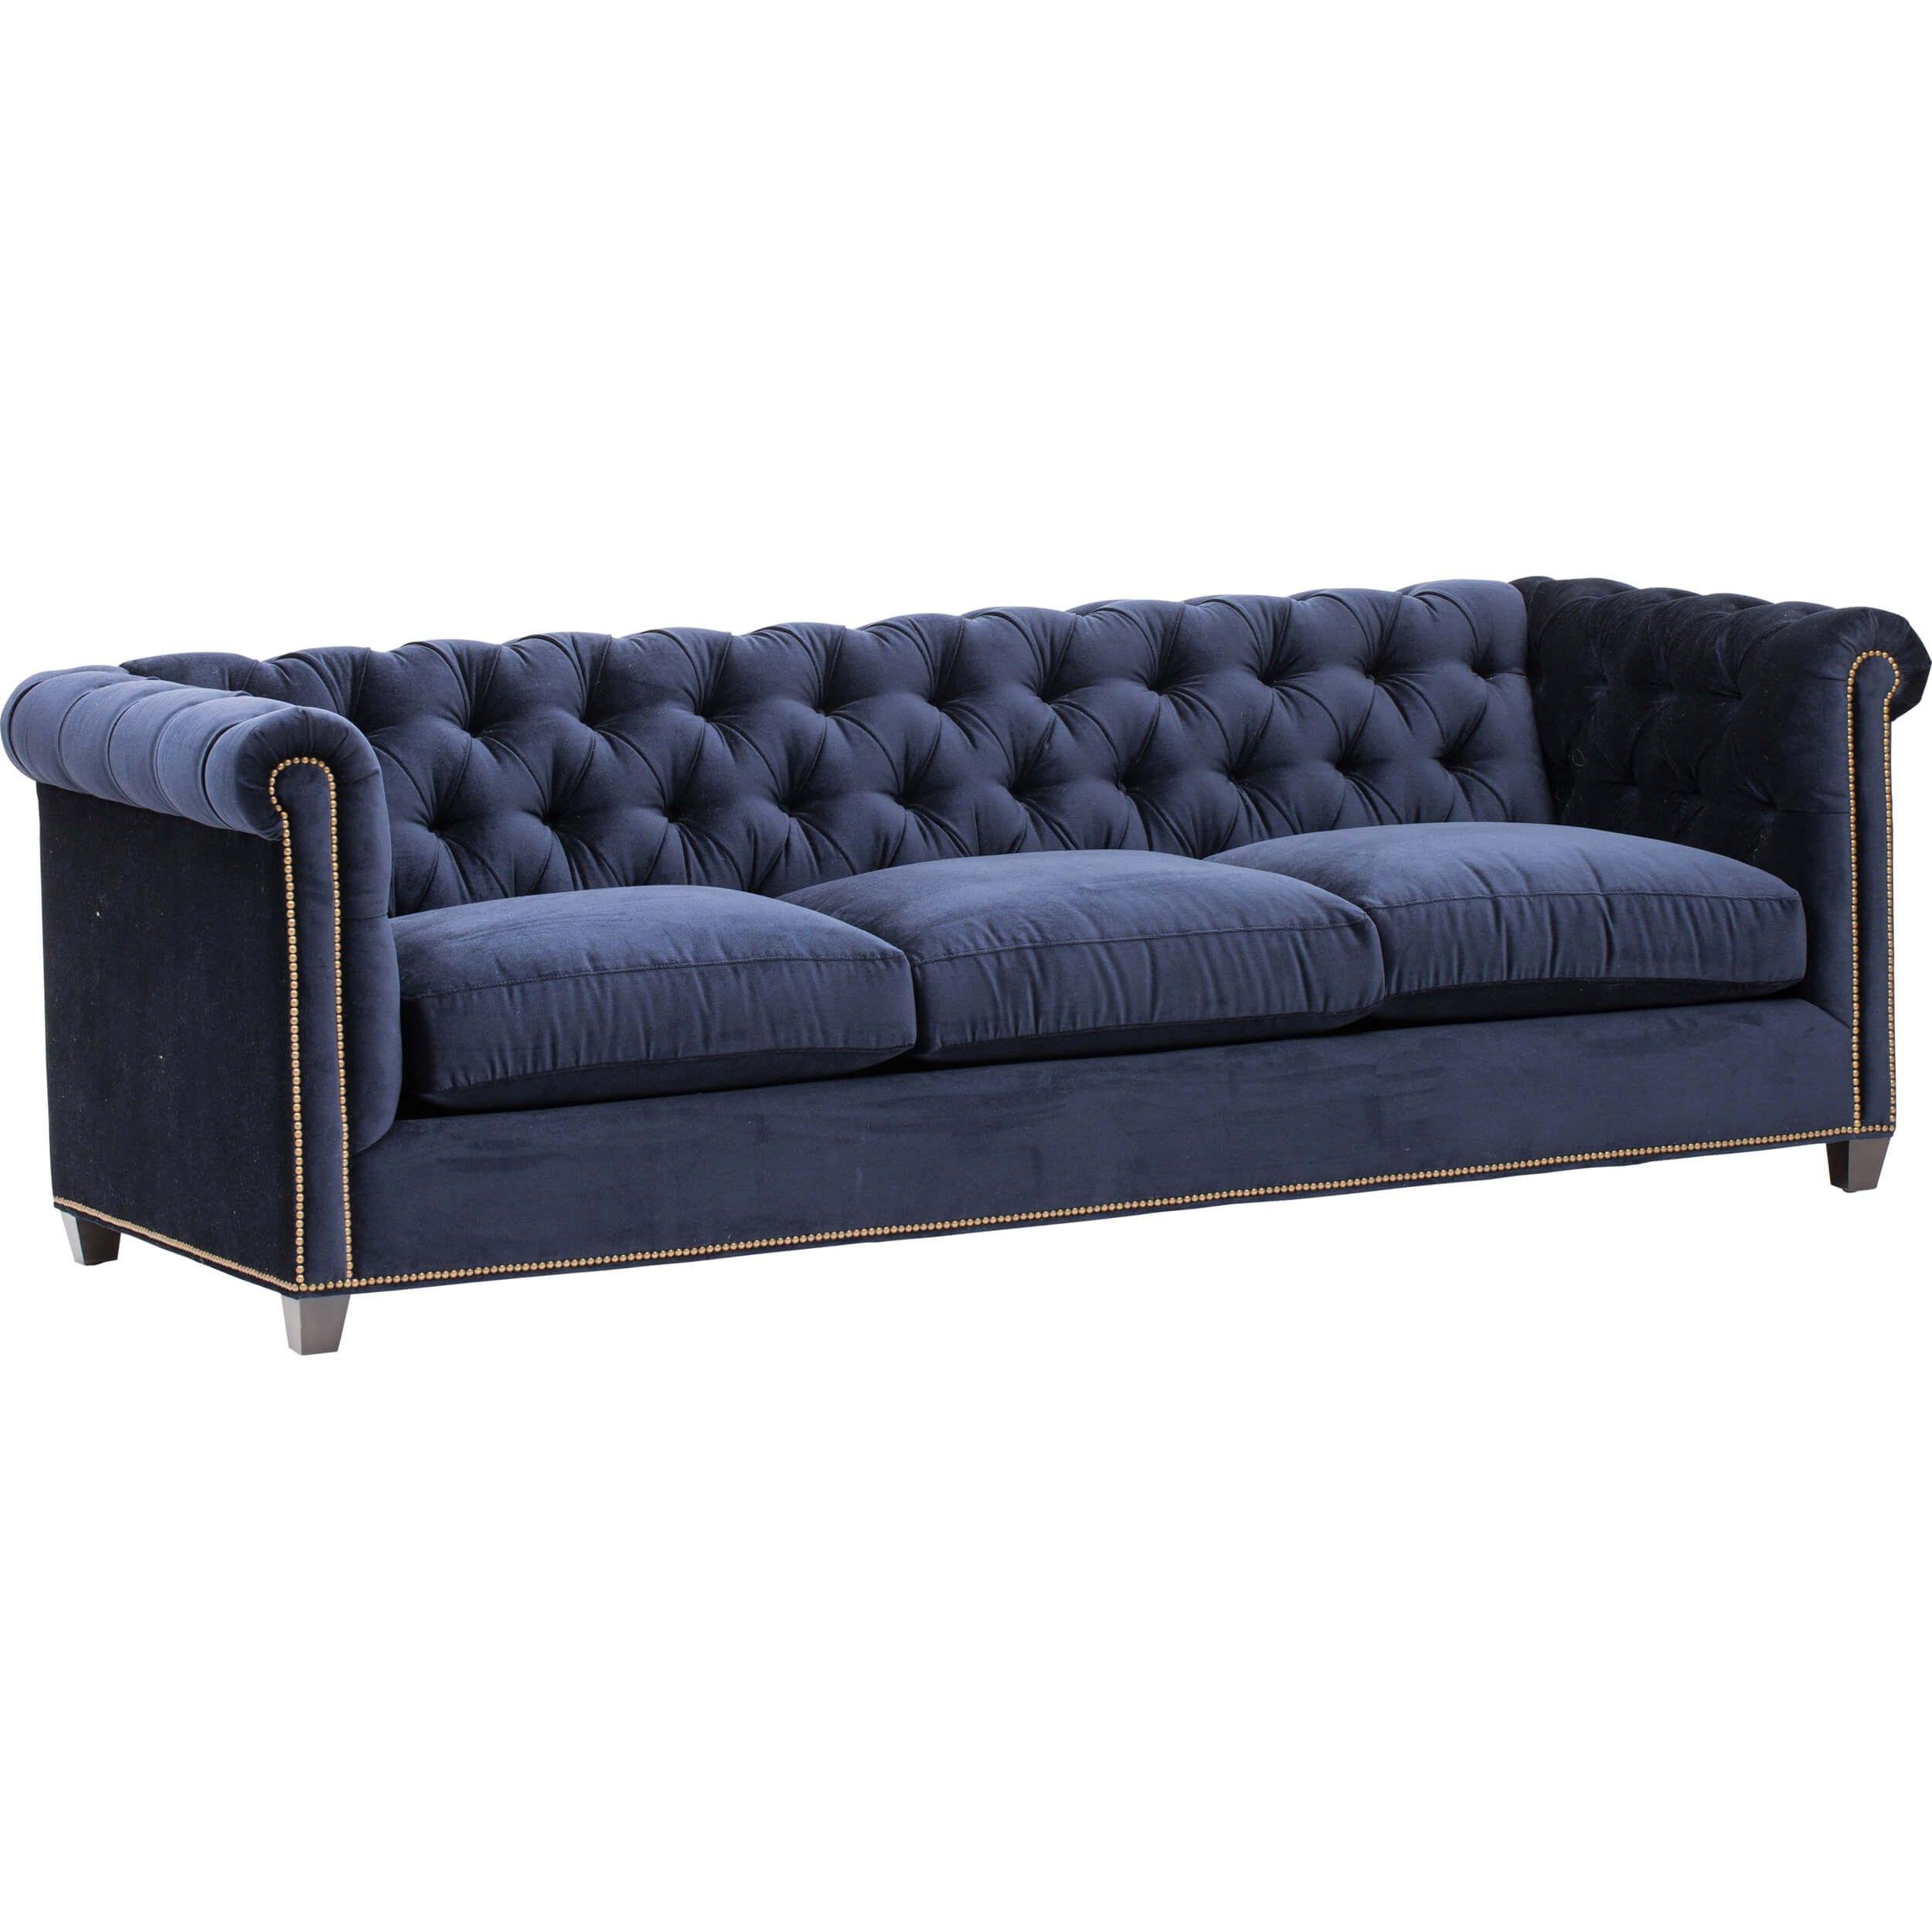 William Grand Sofa Vernon Navy Fabric Sofas Furniture